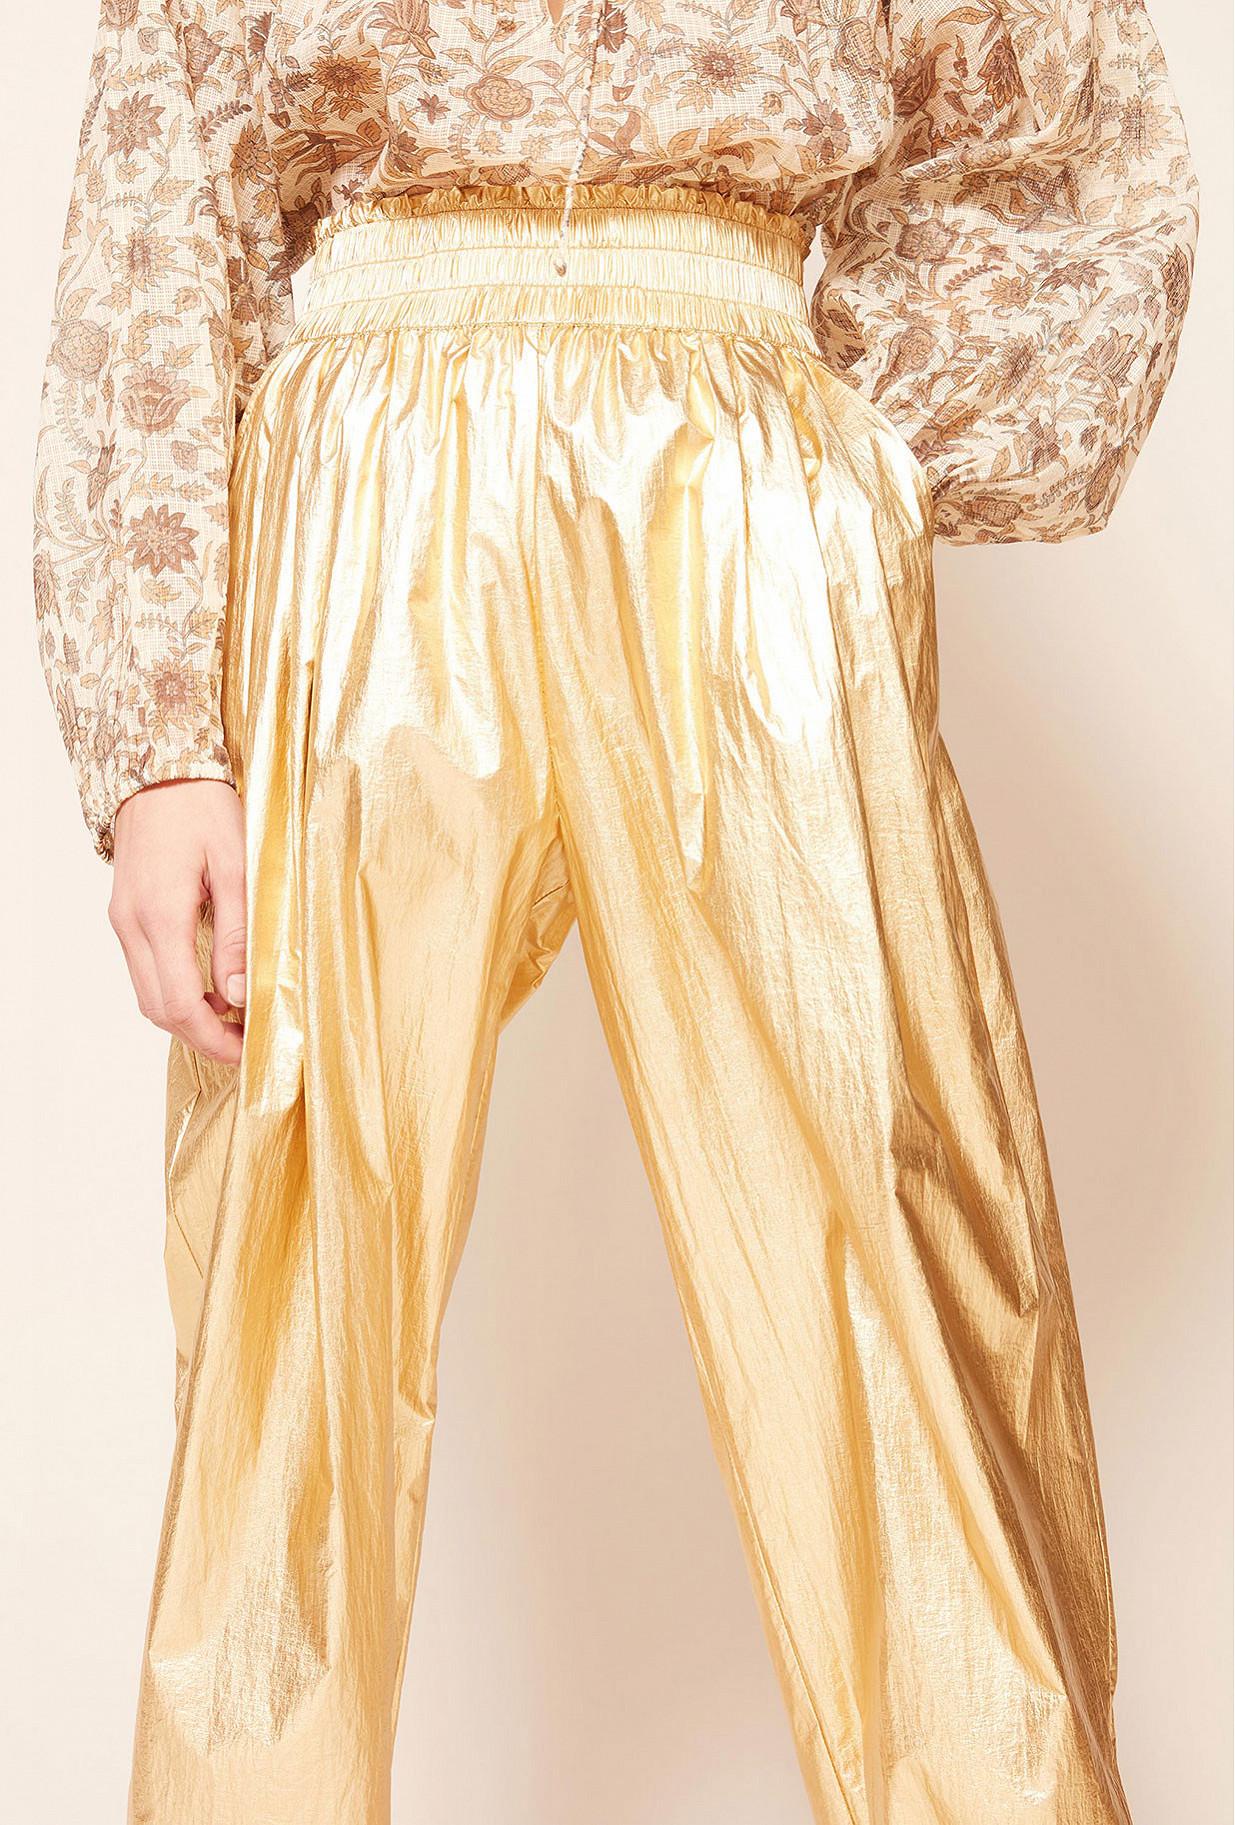 Paris boutique de mode vêtement Pantalon créateur bohème  Ovide